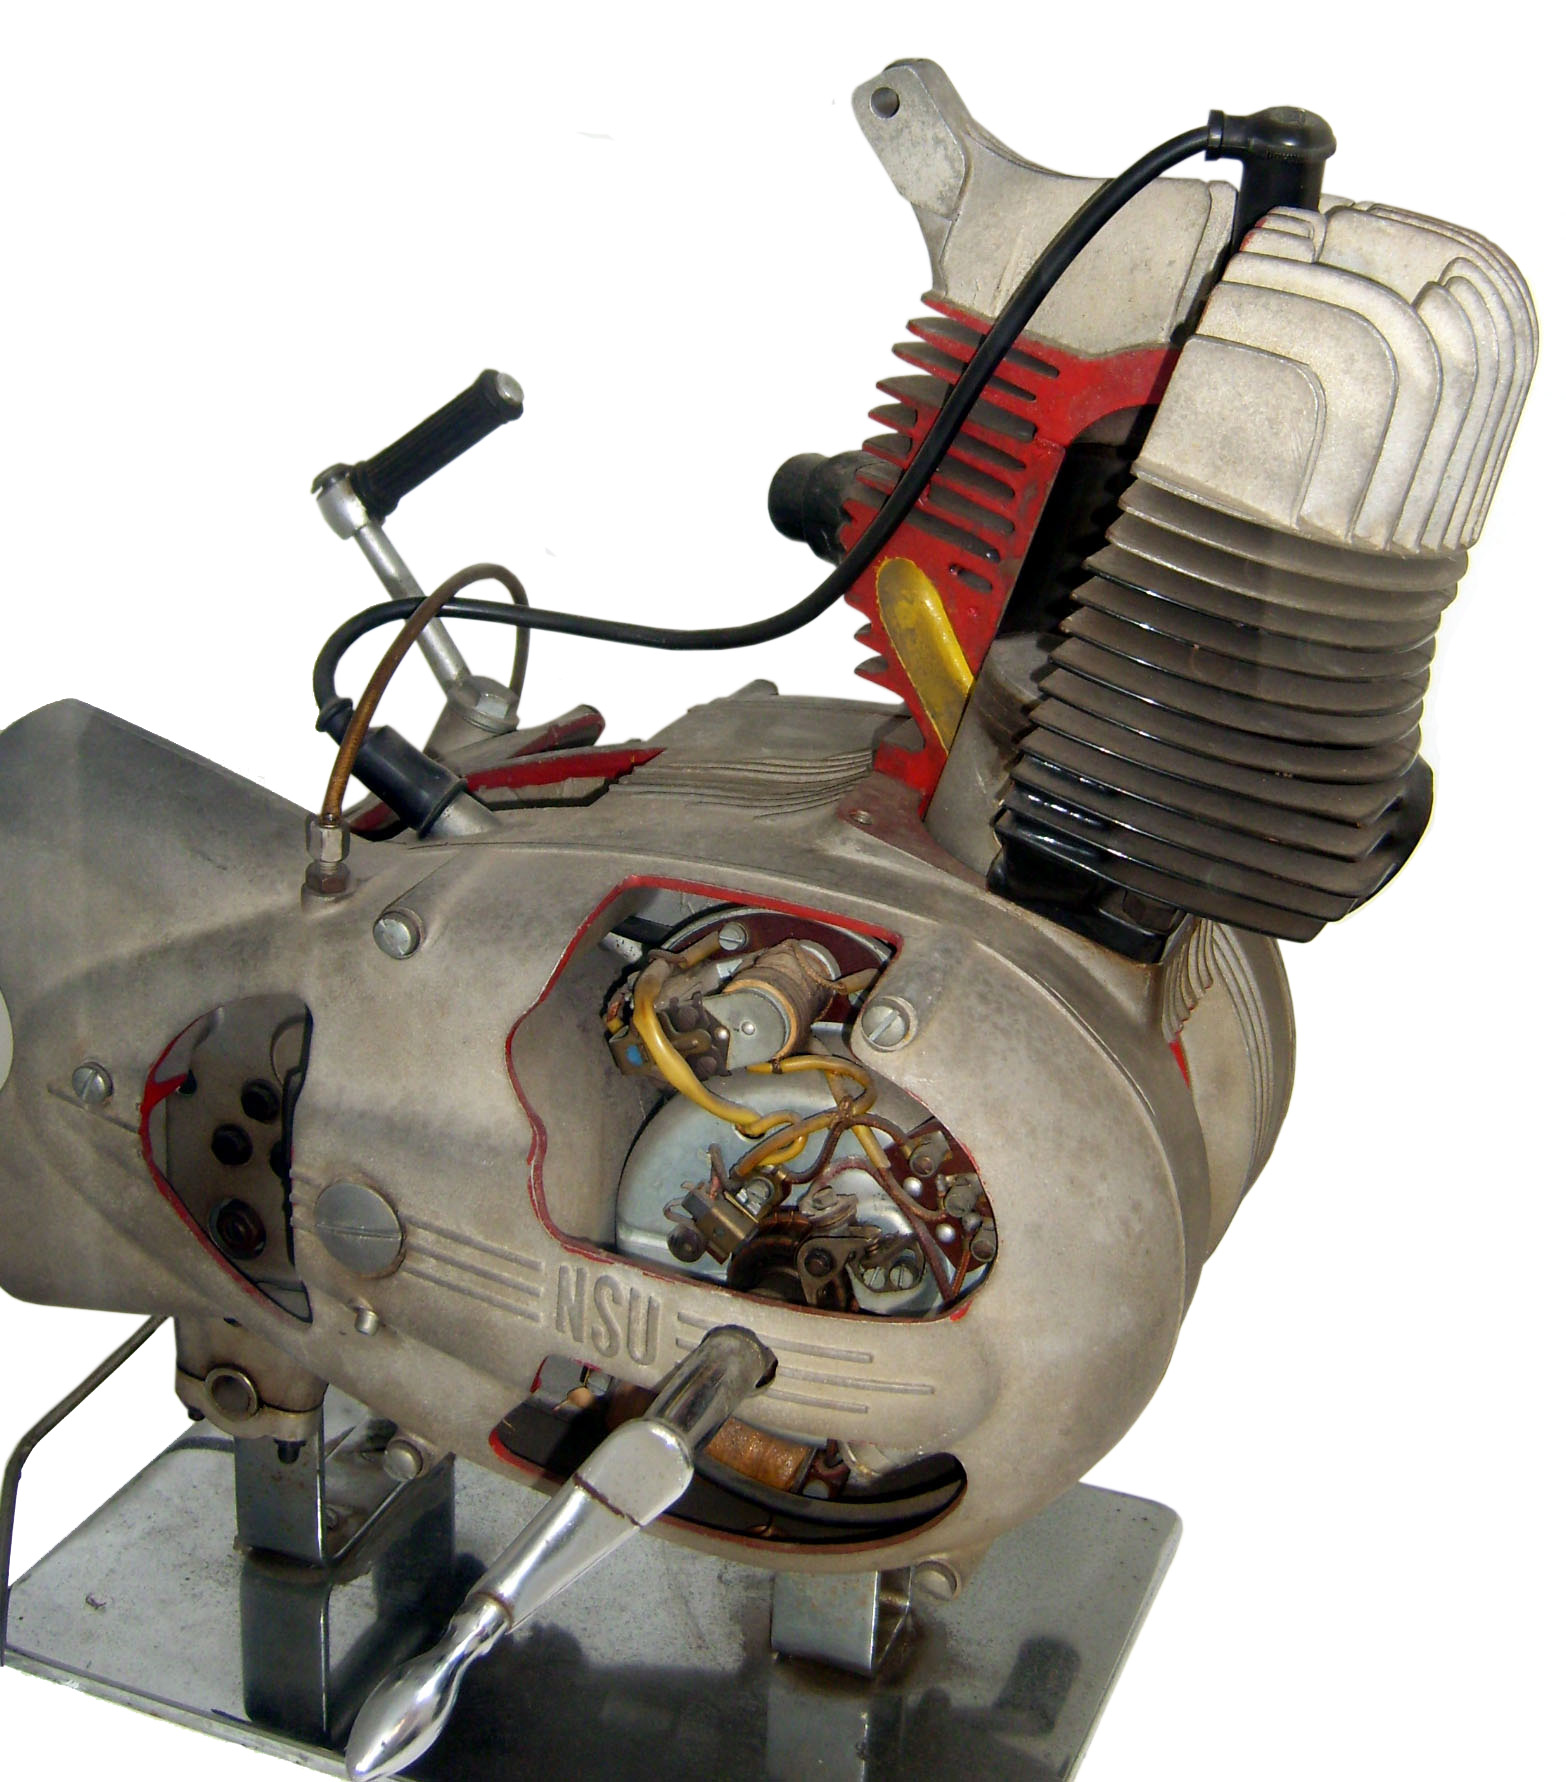 Blick auf das Schnittmodell eines NSU 1-Zylindermotors, luftgekühlt und nach dem Zweitaktprinzip arbeitend